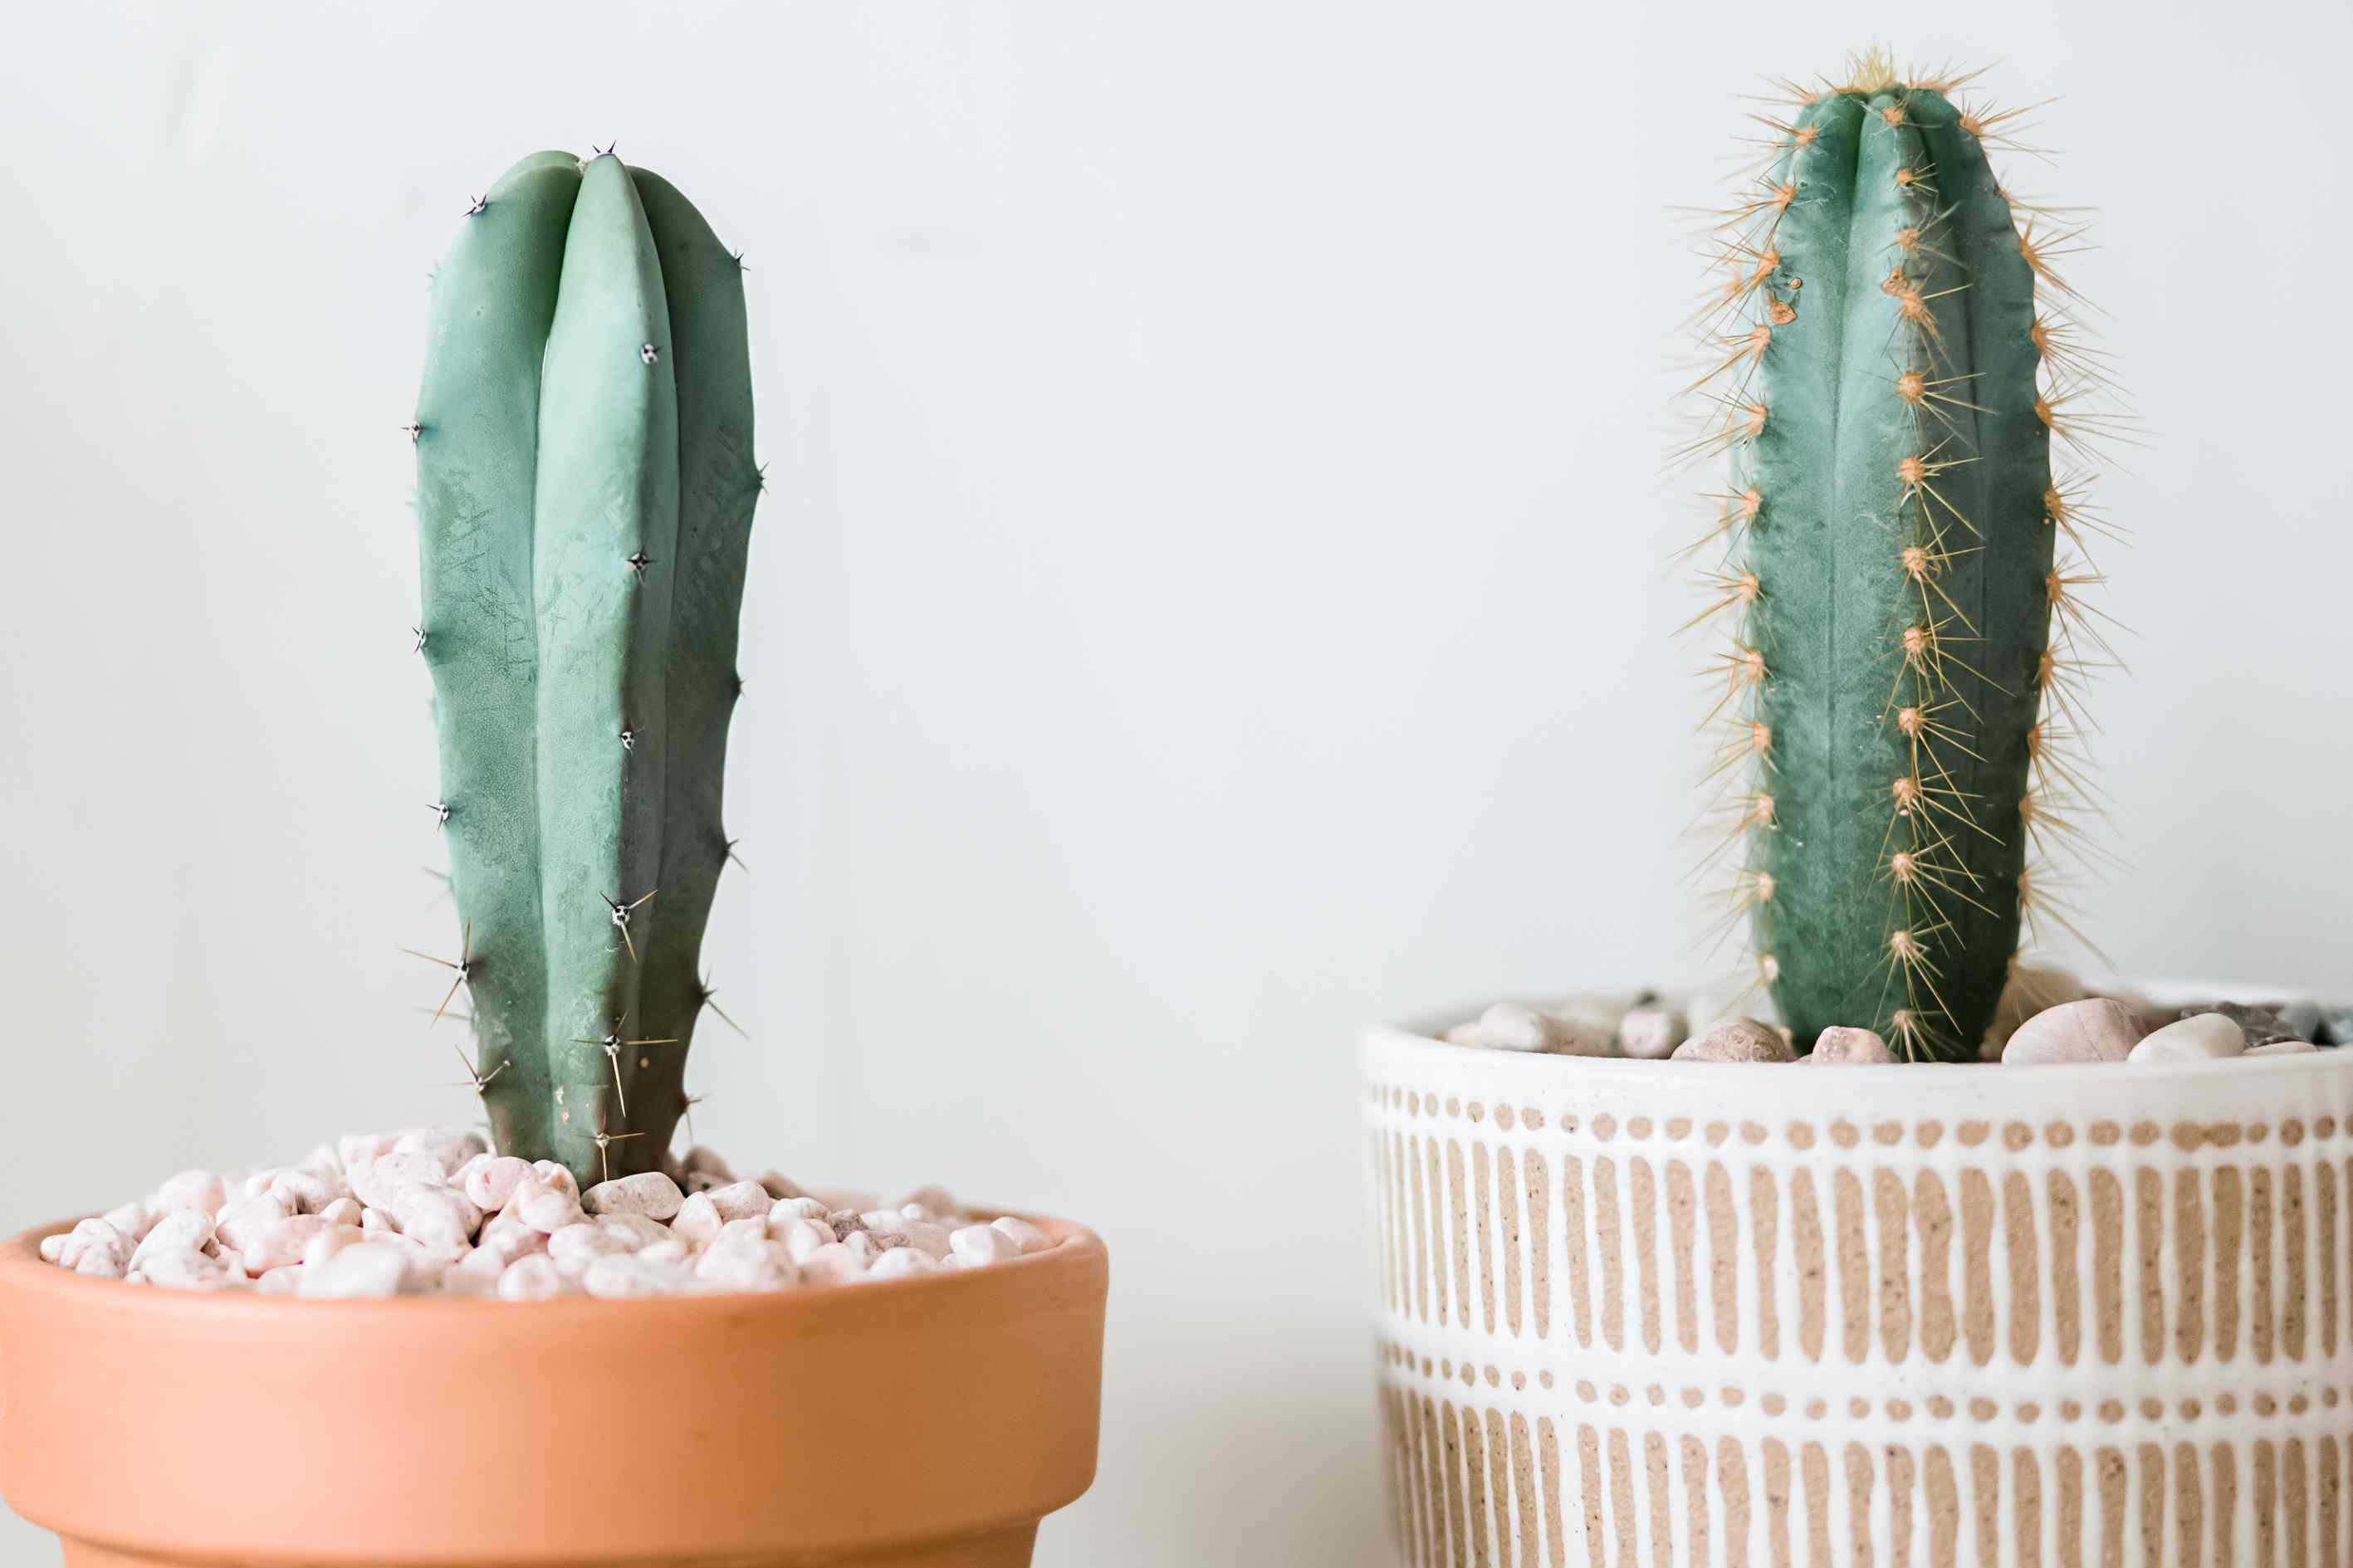 closeups of Pilosocereus Cacti